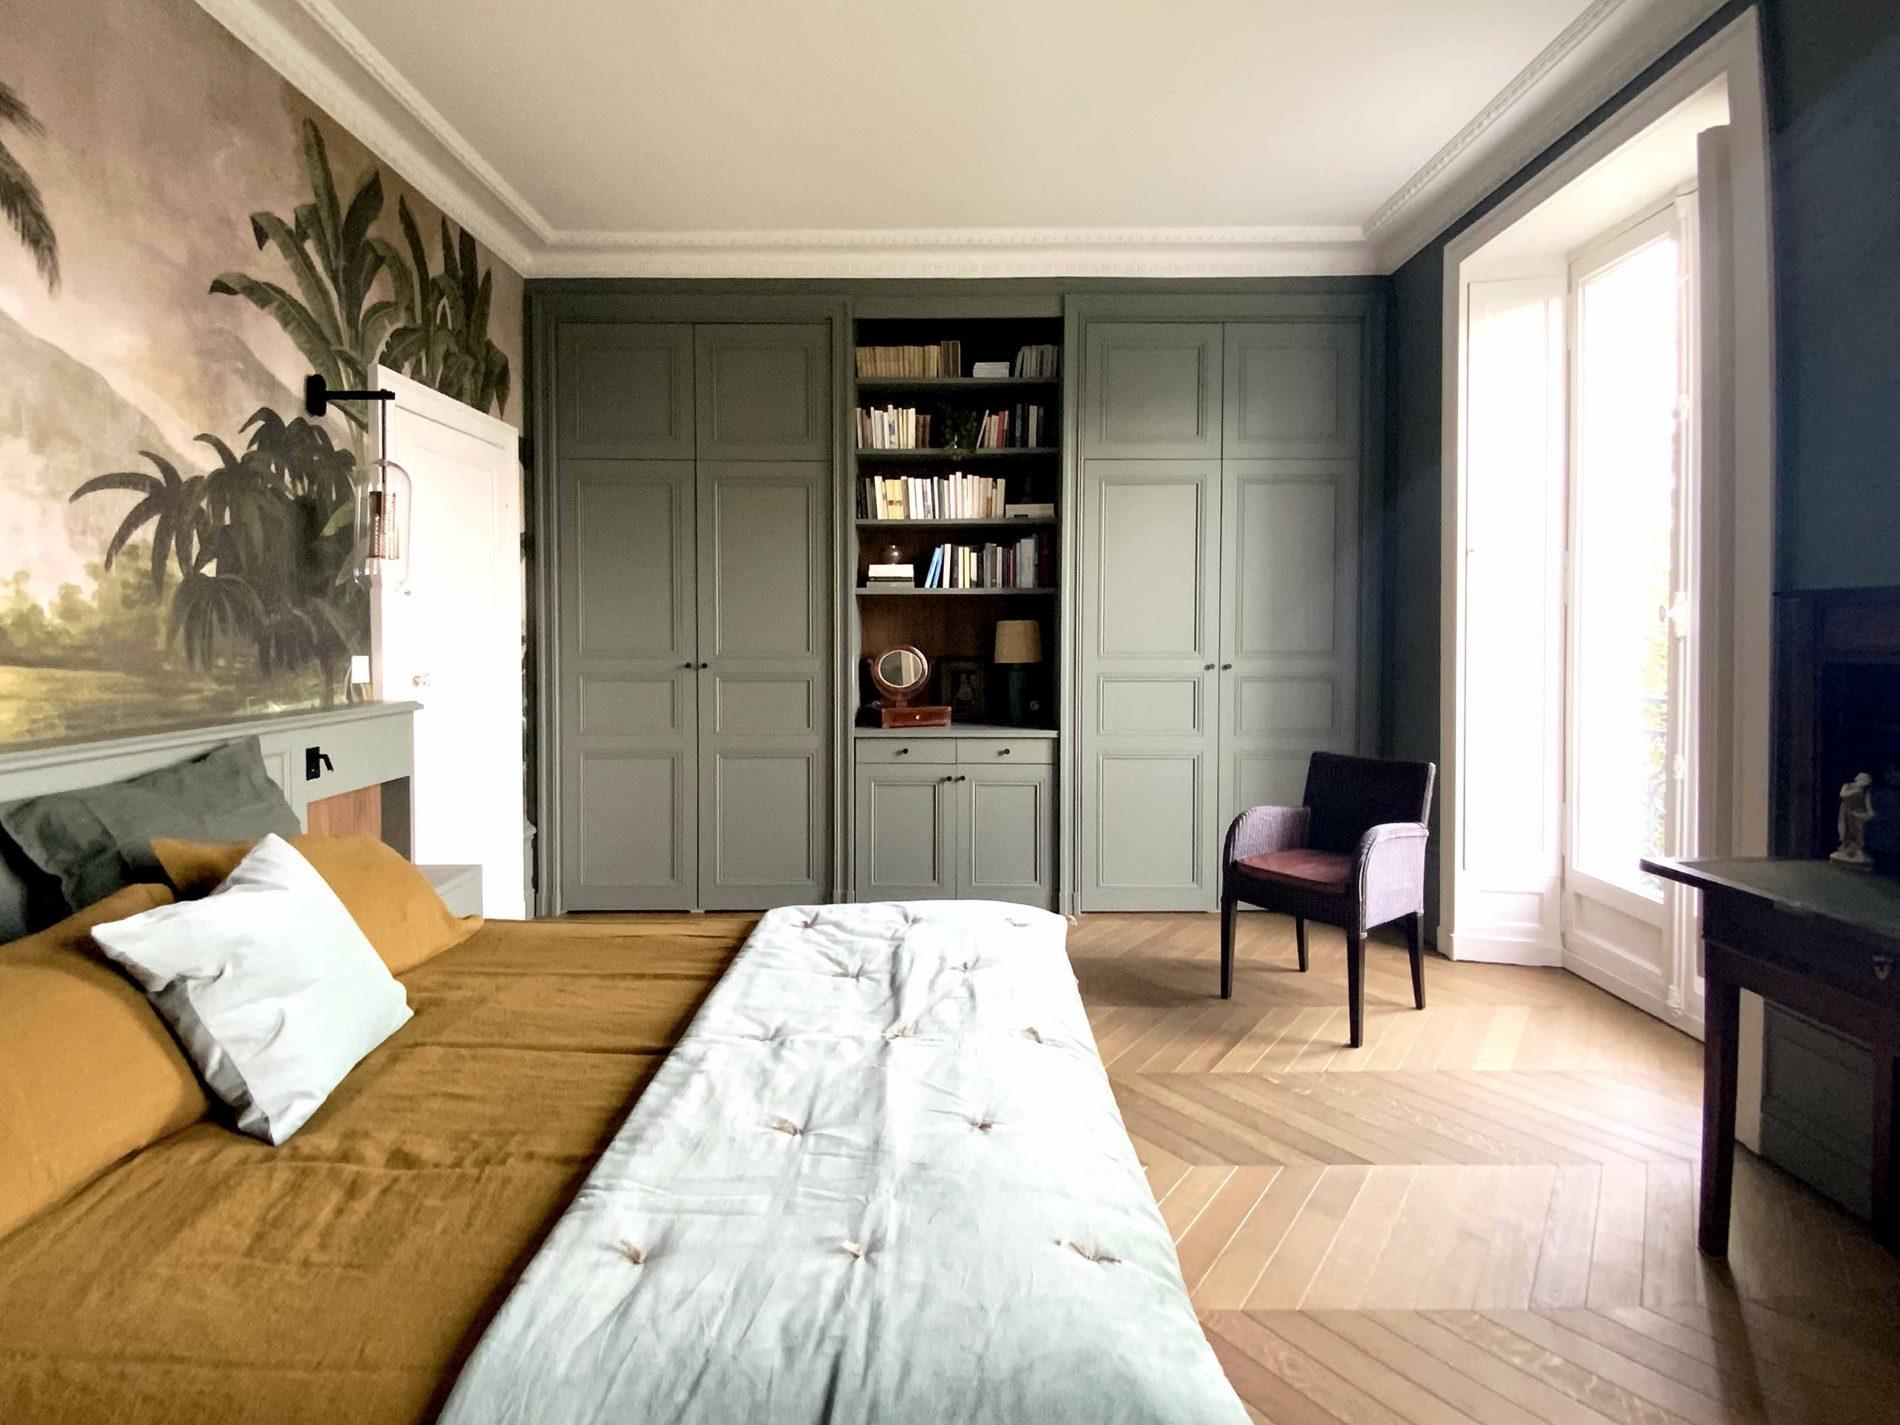 Tête de lit sur-mesure et placards dans une chambre